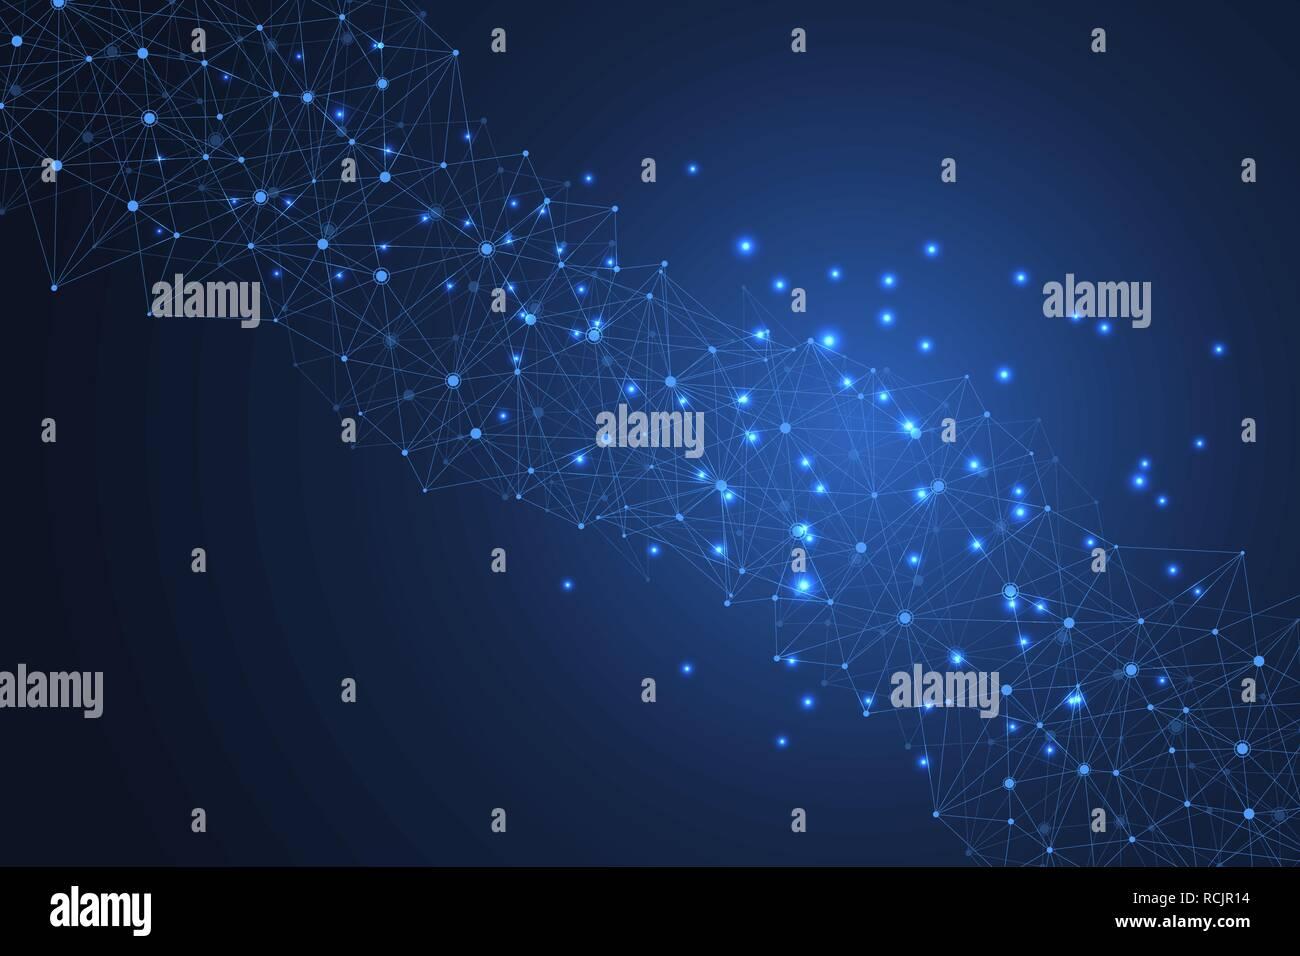 Abstrakte plexus Hintergrund mit Linien und Punkten. Plexus geometrischen Effekt große Daten mit Verbindungen. Linien Plexus, minimale Array. Digitale Daten Visualisierung. Vector Illustration Stock Vektor